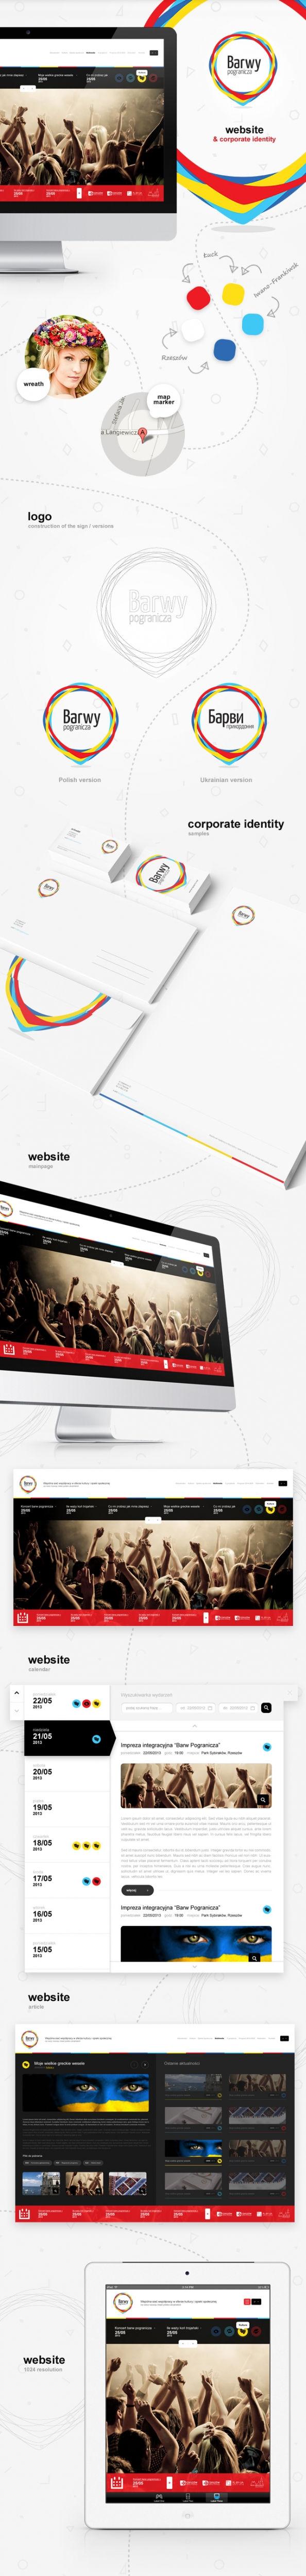 Strona www, identyfikacja wizualna Barwy pogranicza